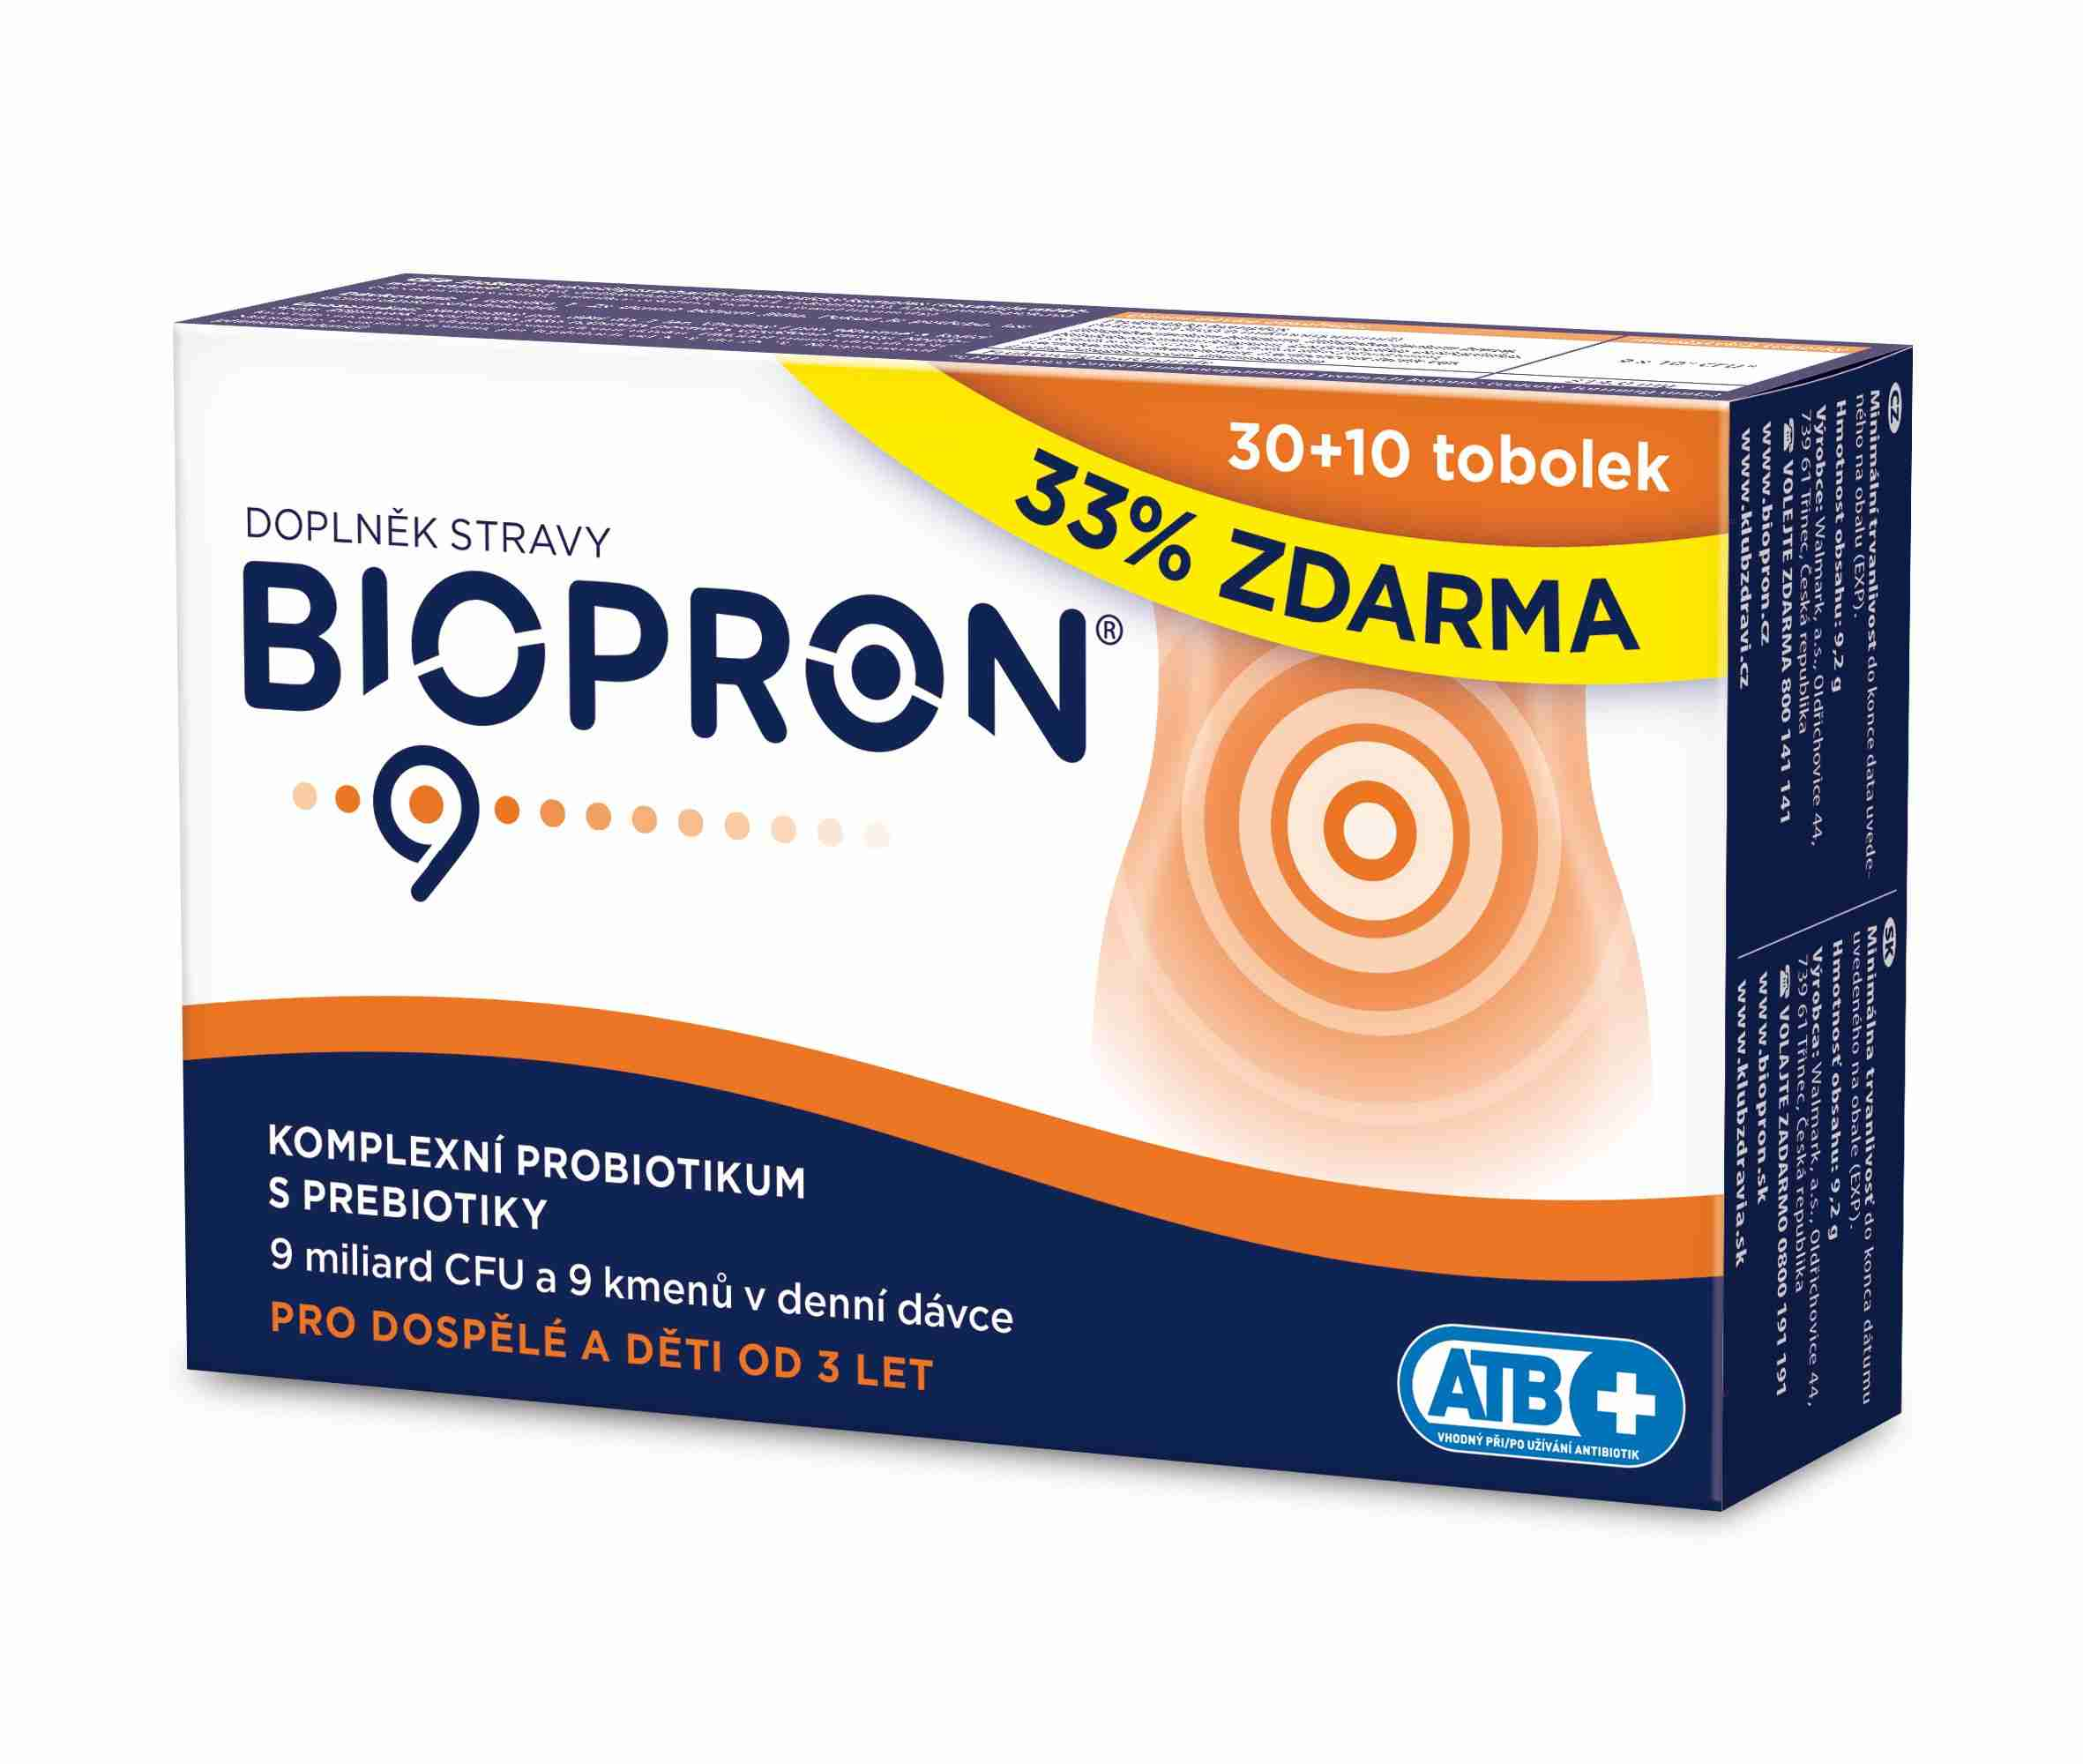 Valosun Biopron9 30 tob.+ 10 tob. ZDARMA